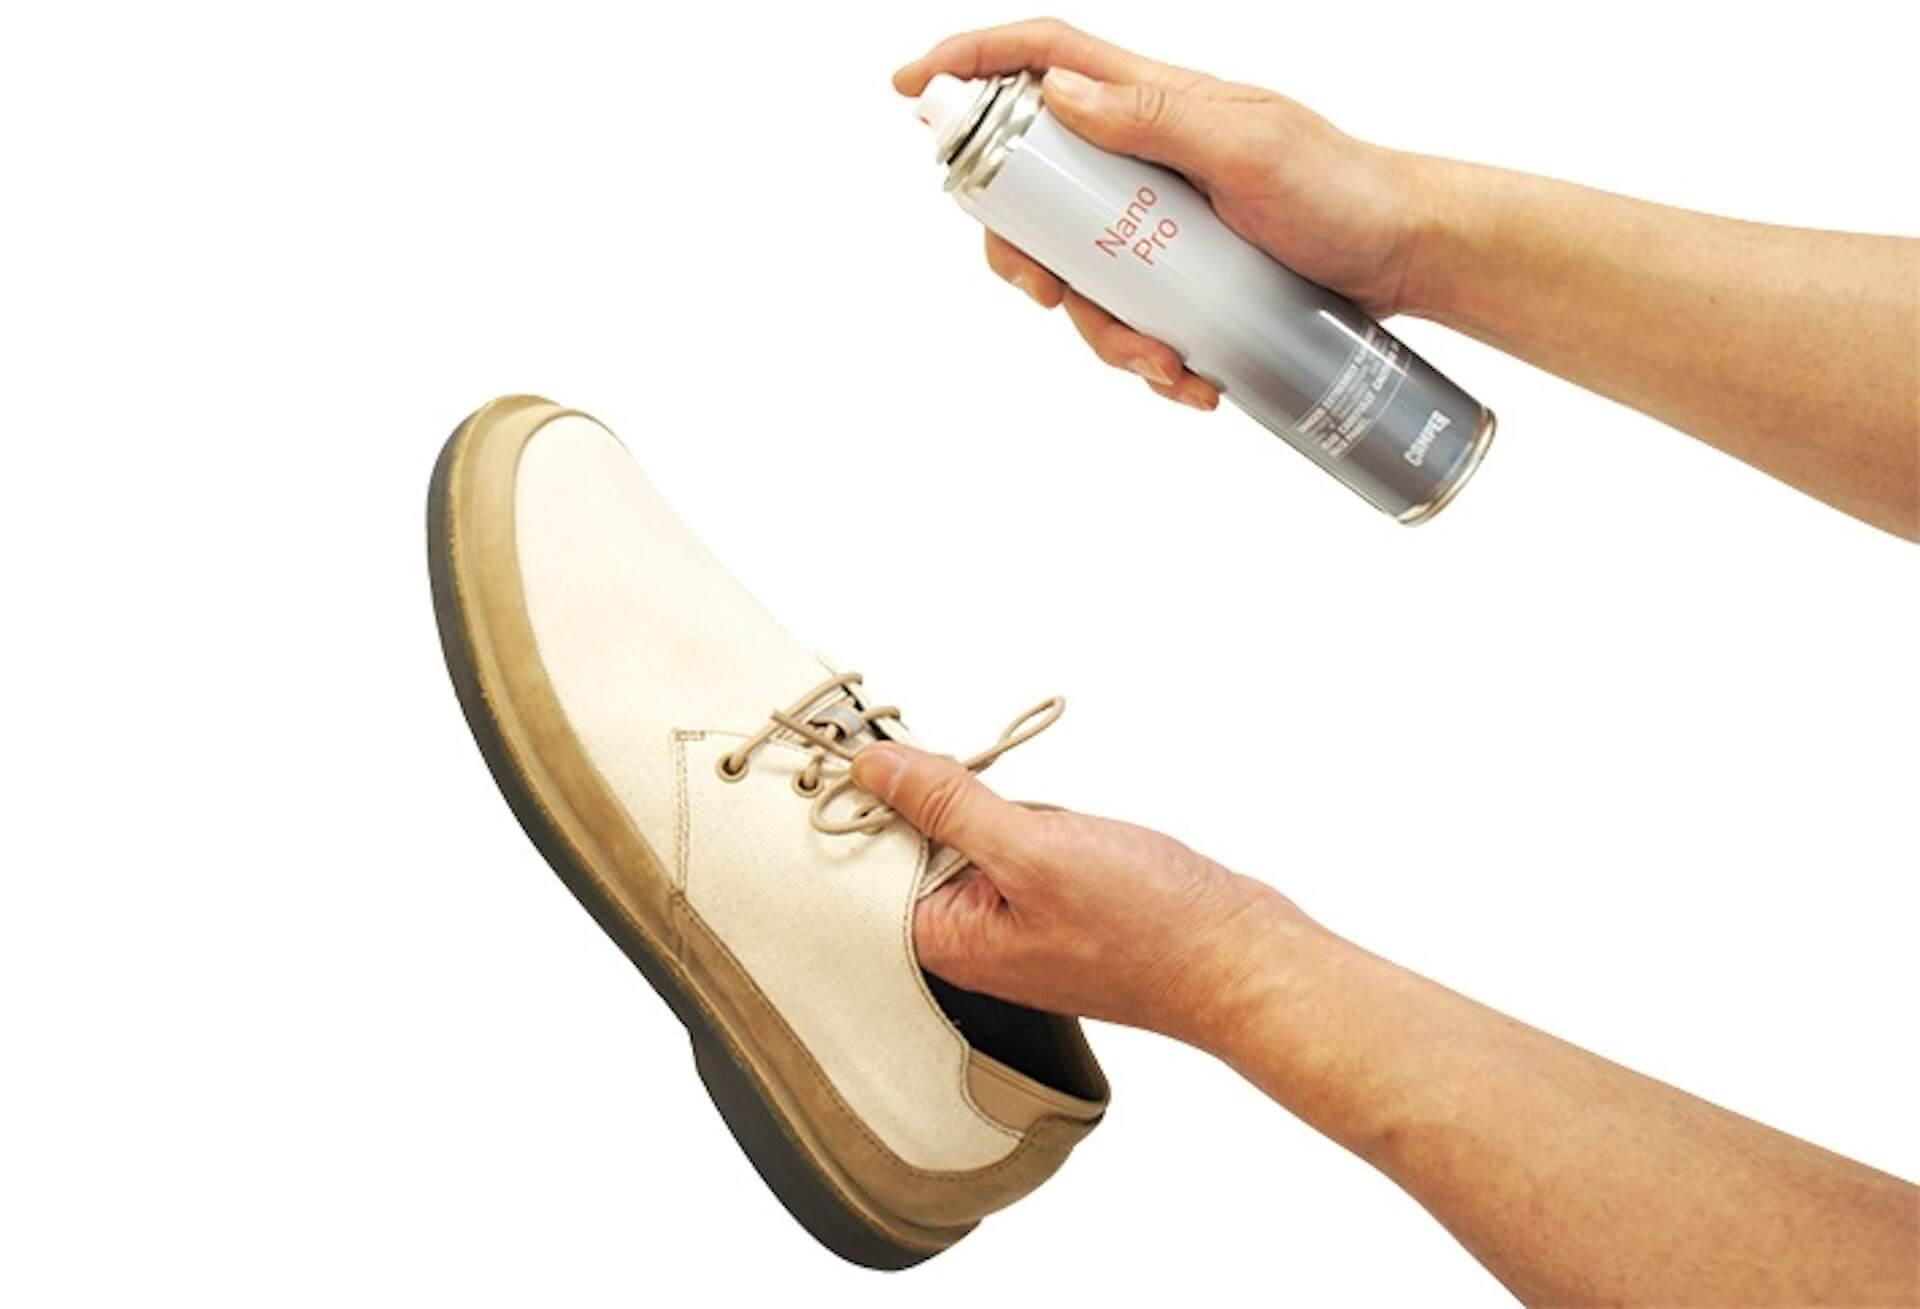 おうち時間にCAMPERのケアグッズを使って、毎日履く靴をお手入れしよう!自宅でできる簡単お手入れ方法をご紹介 lf200518_camper_14